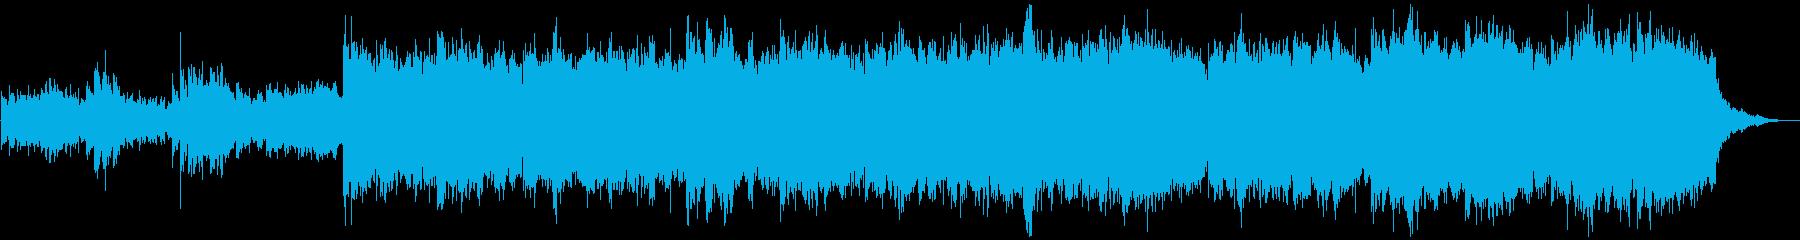 プラネタリウム・夜のシーンで使えるBGMの再生済みの波形